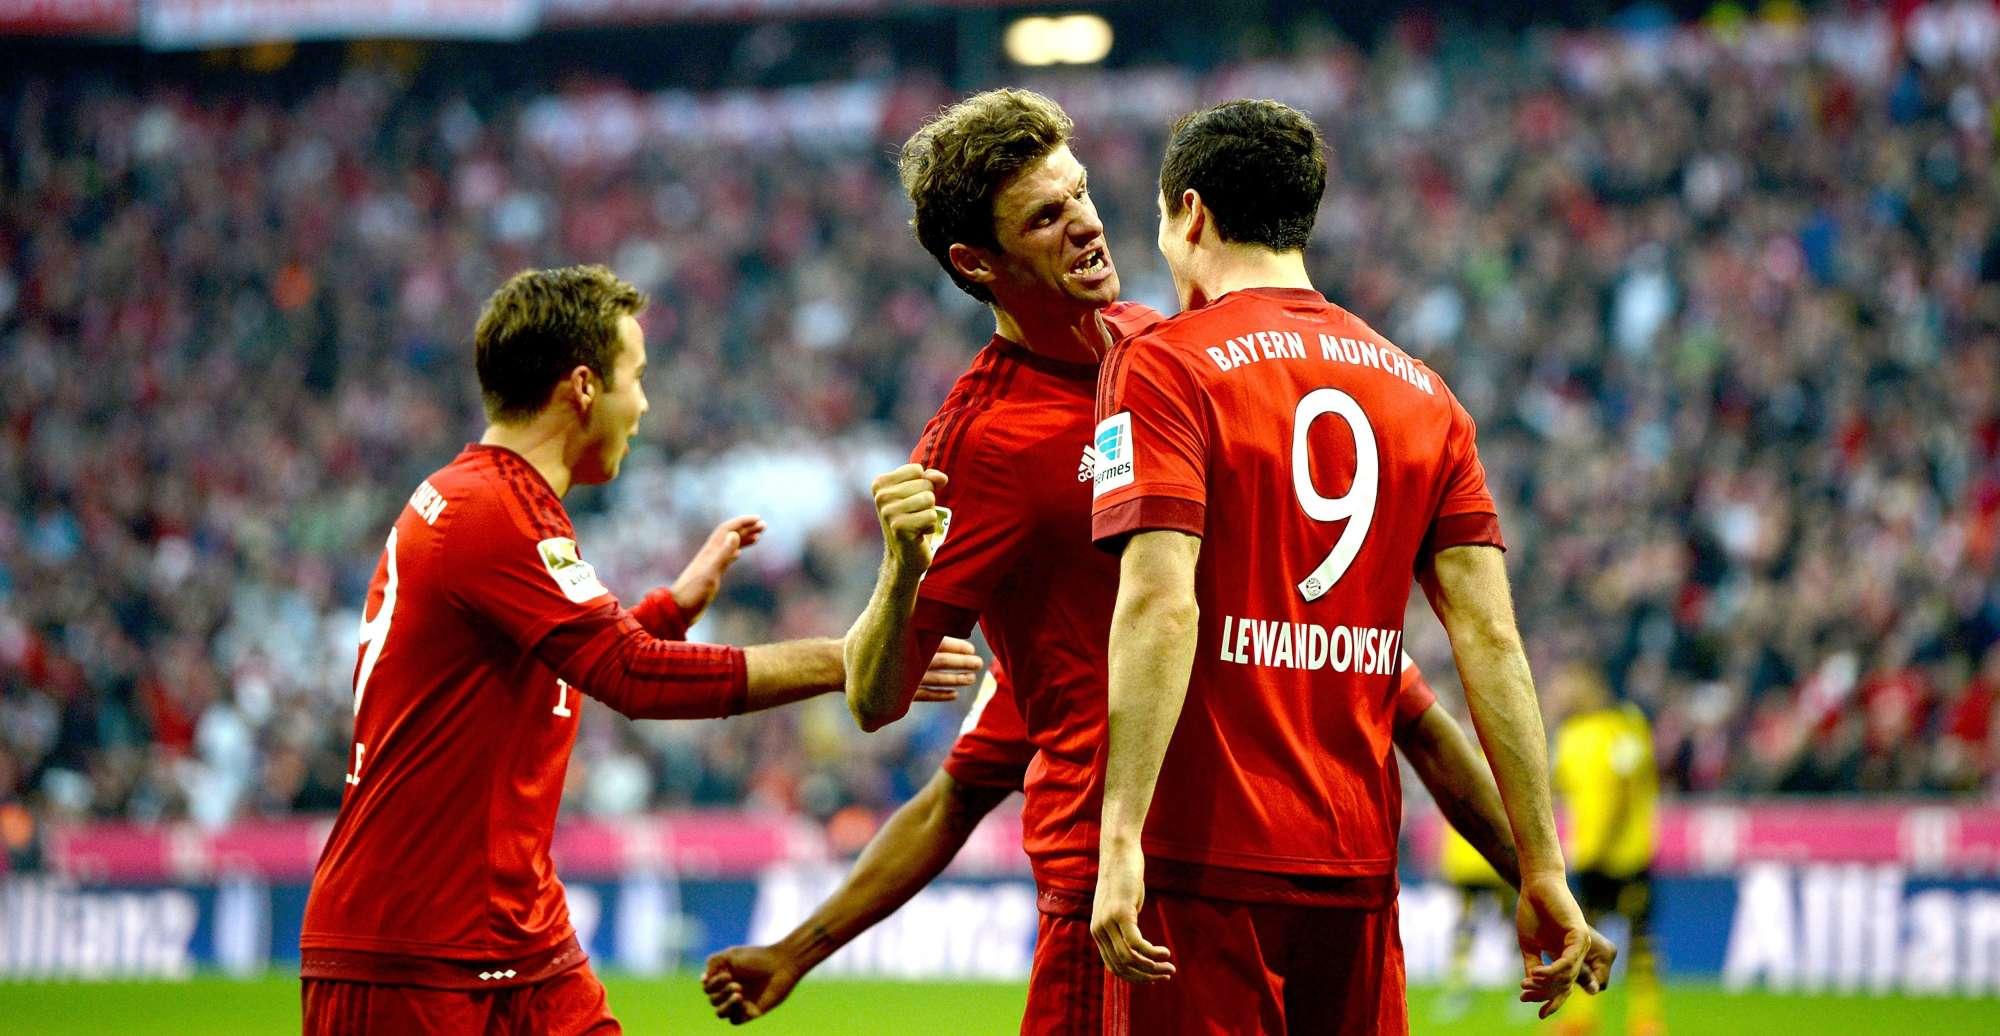 Muller e Lewandowski, rispettivamente 7 e 8 gol in Champions League